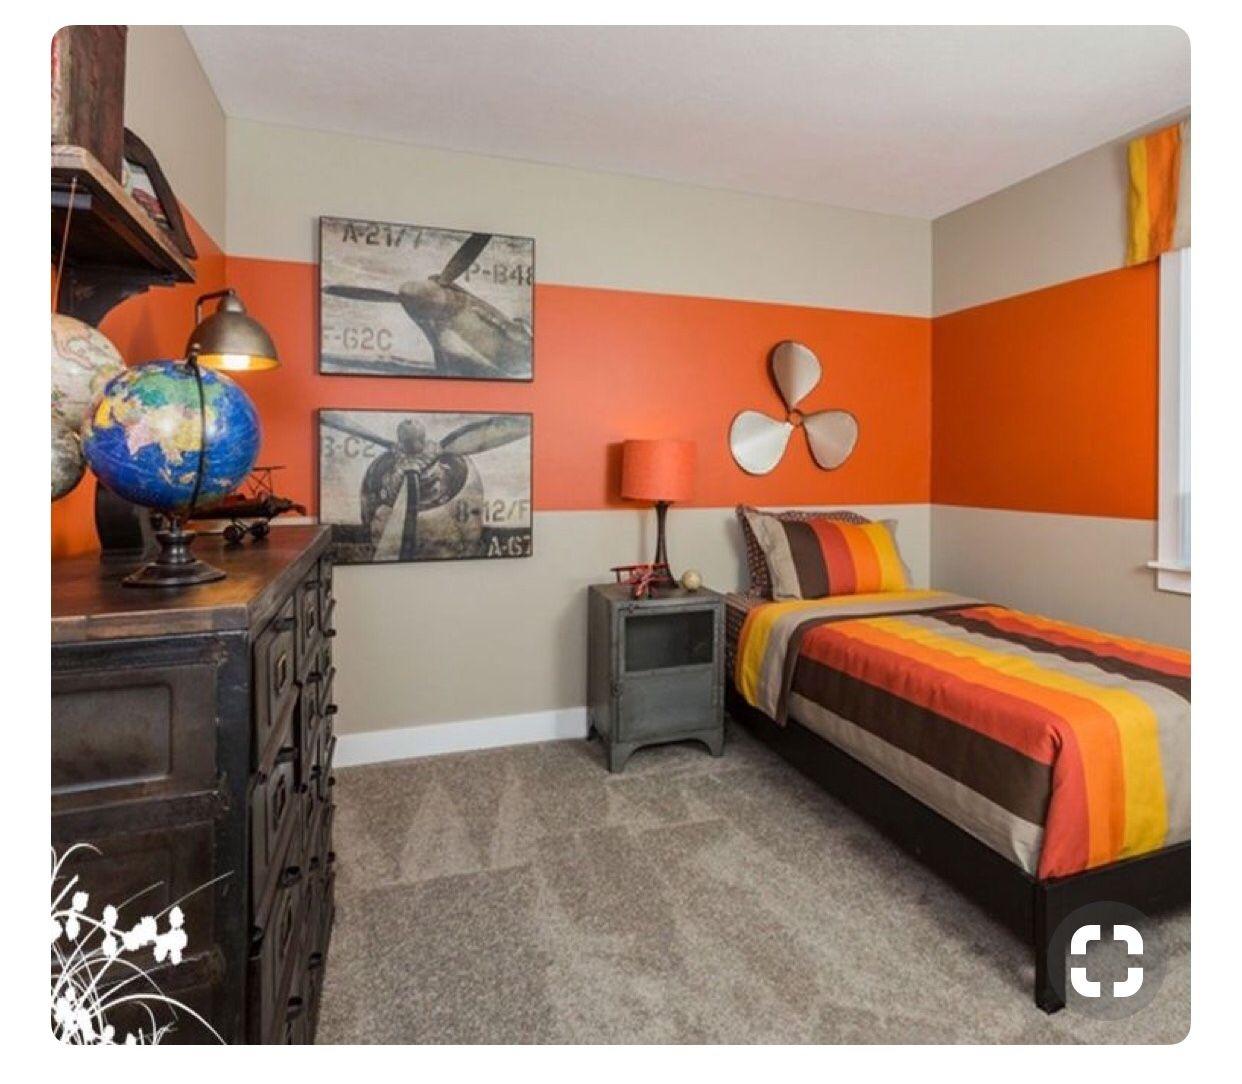 Dormitorios juveniles en naranja y gris | Home | Pinterest ...